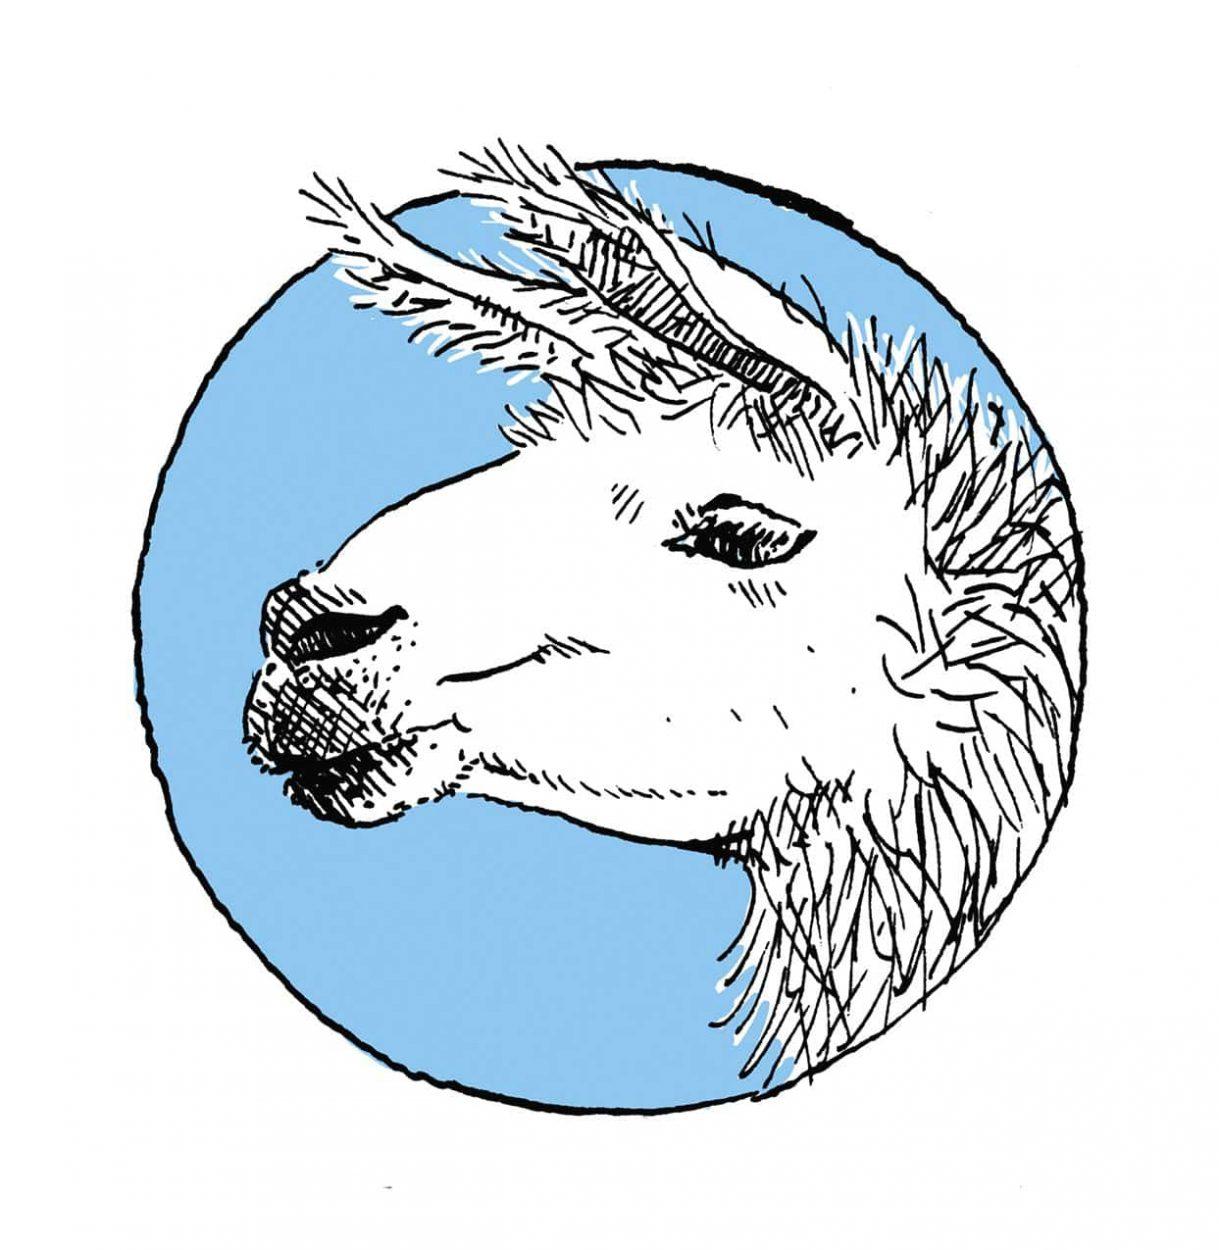 Ilustración de una llama (animal) original de chile y alrededores